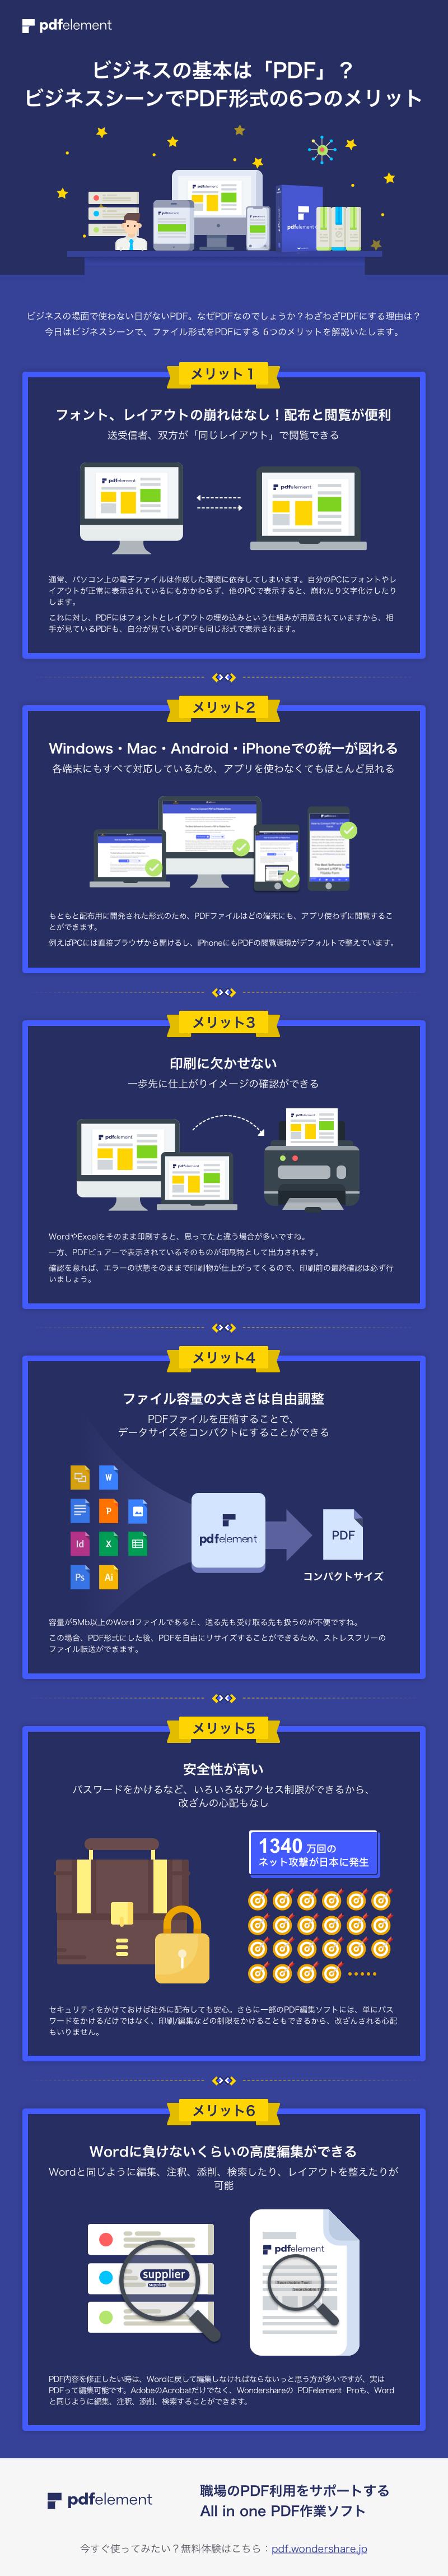 PDFを活用する理由とメリットのインフォグラフィック